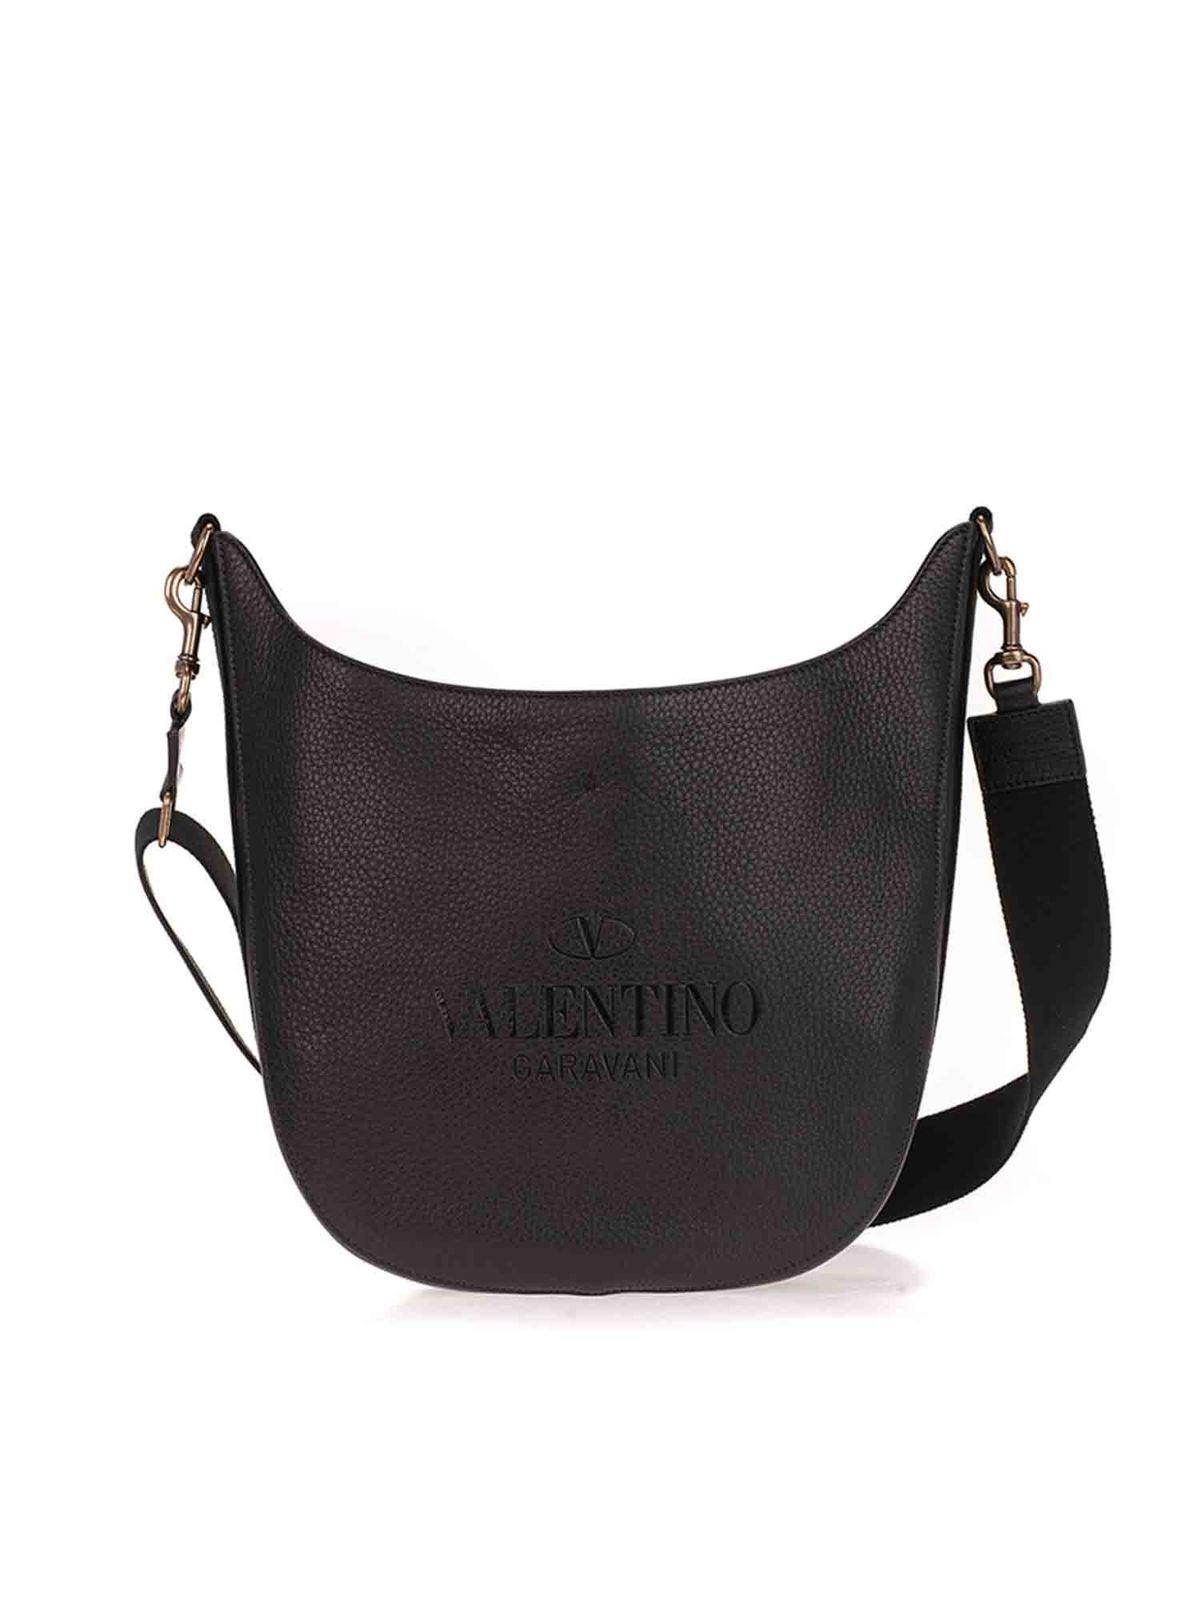 Valentino LOGO CROSS BODY BAG IN BLACK